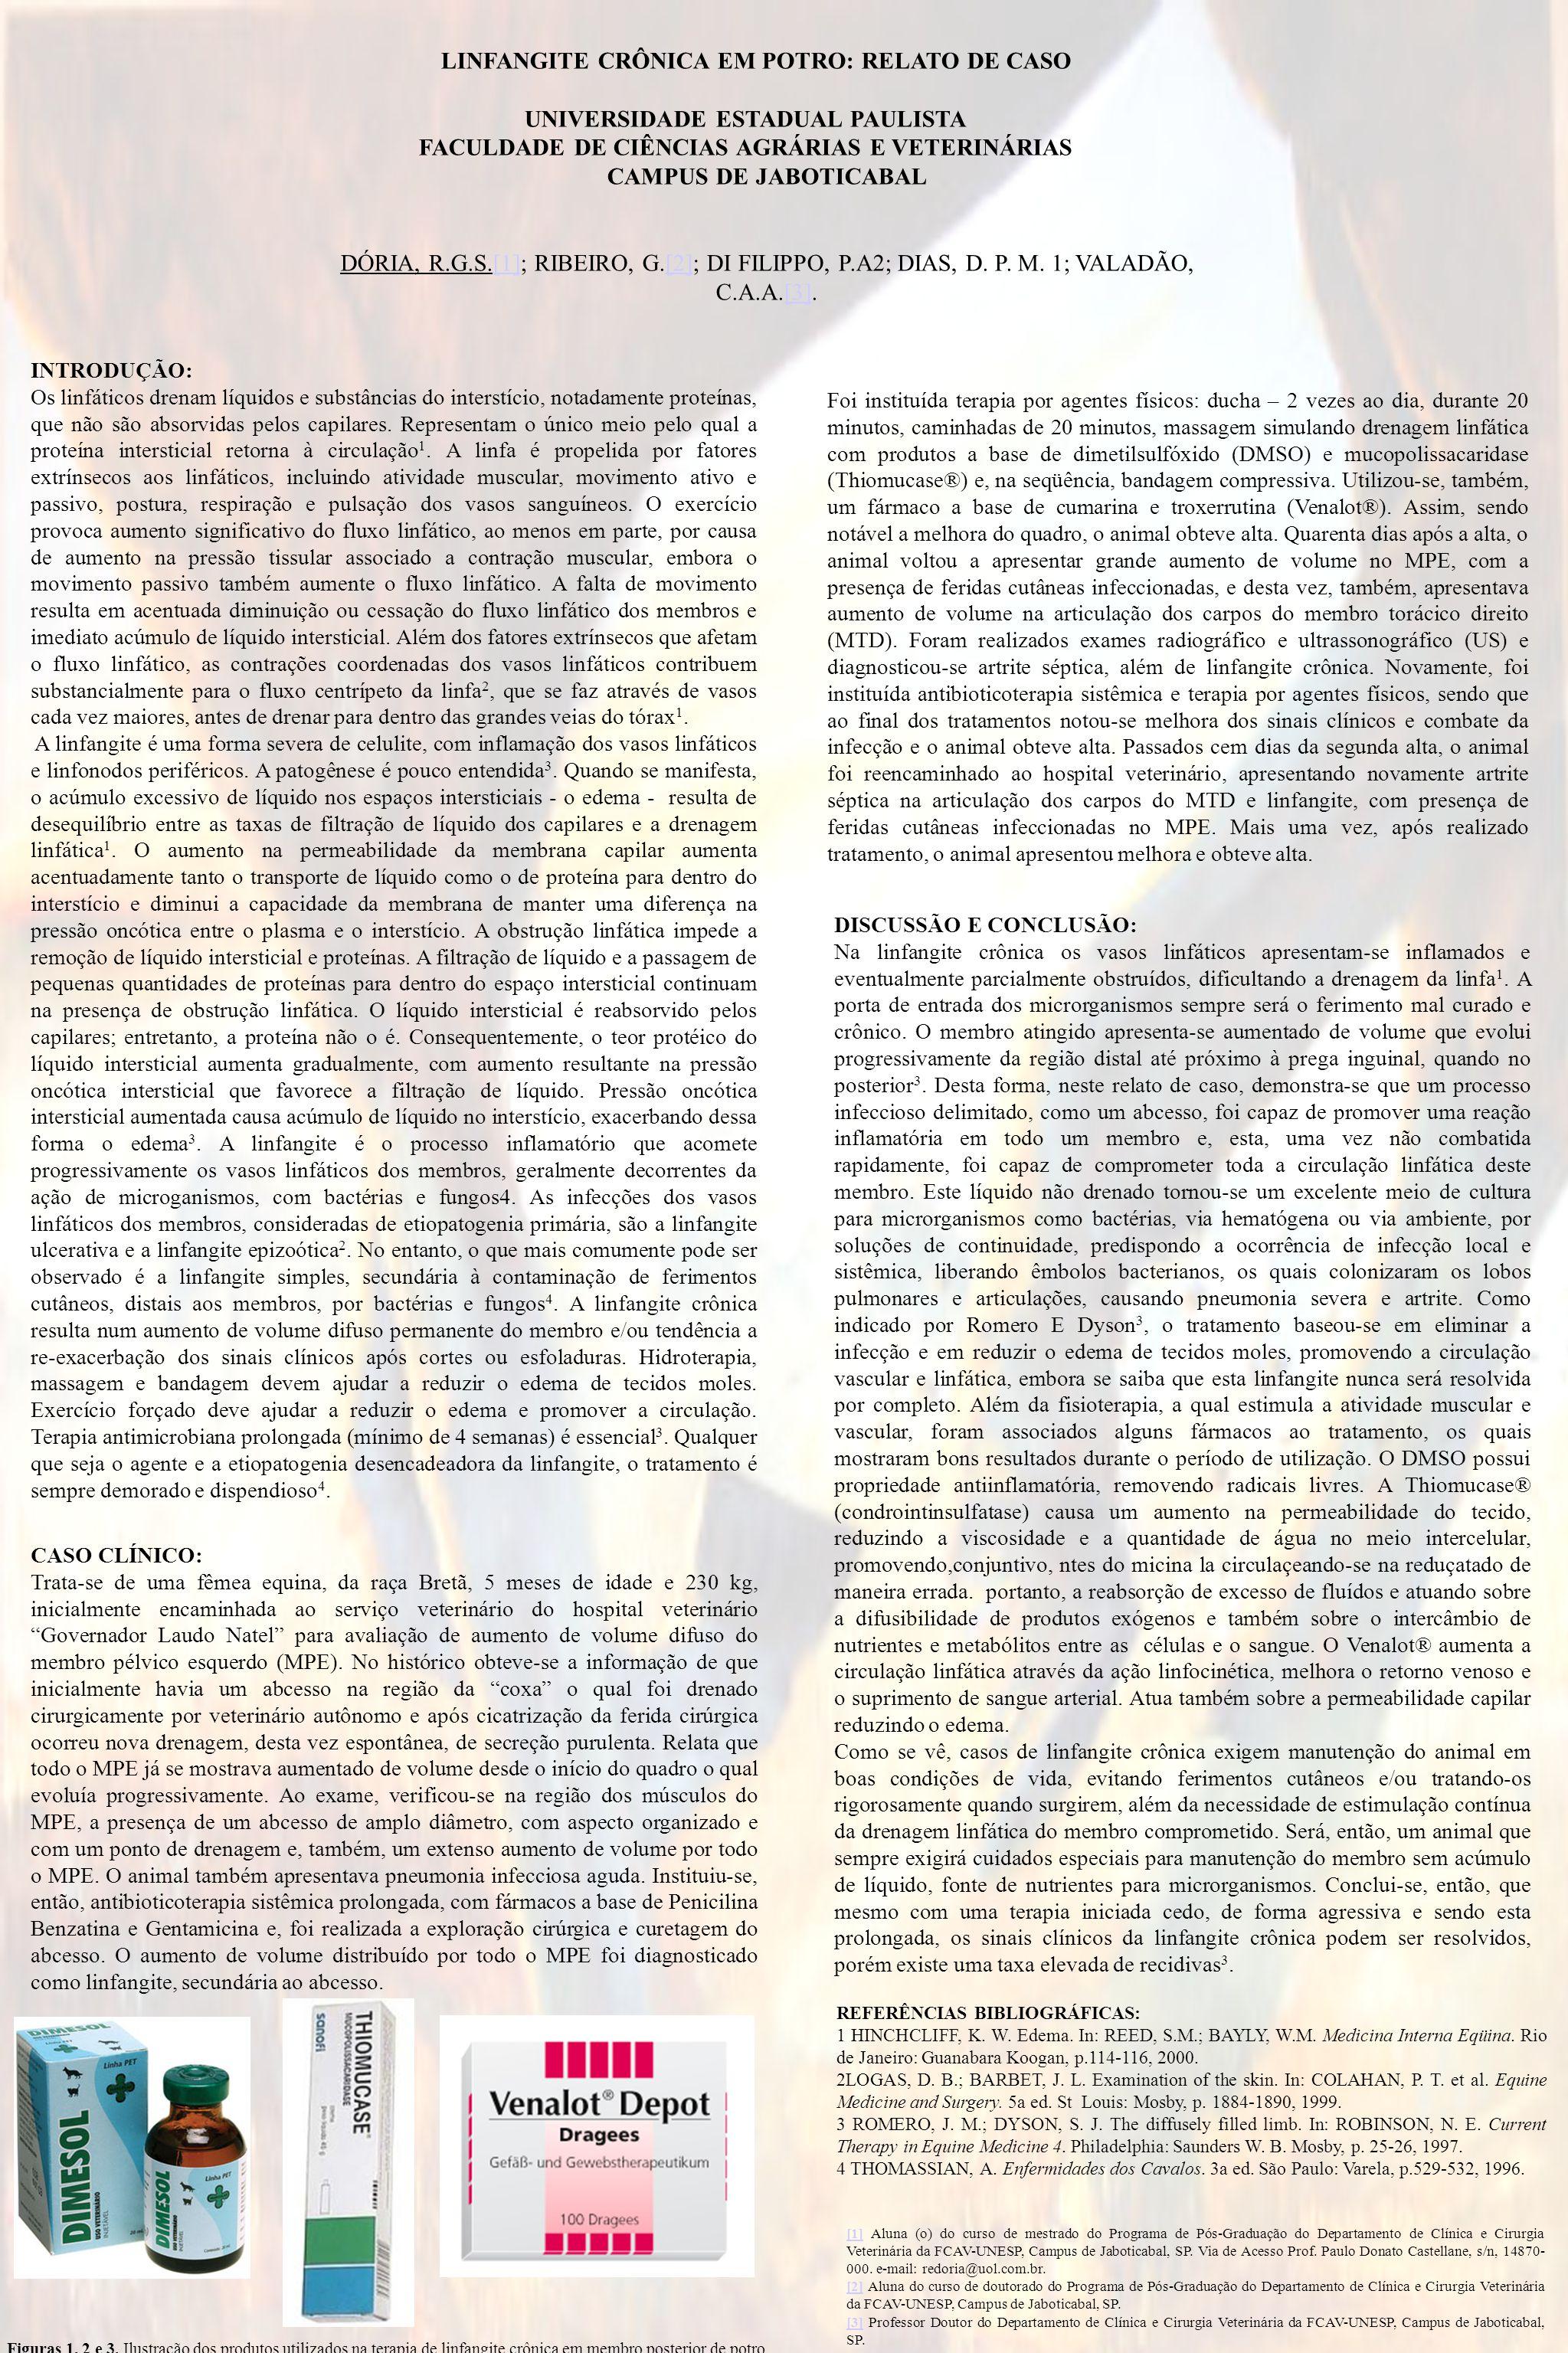 LINFANGITE CRÔNICA EM POTRO: RELATO DE CASO UNIVERSIDADE ESTADUAL PAULISTA FACULDADE DE CIÊNCIAS AGRÁRIAS E VETERINÁRIAS CAMPUS DE JABOTICABAL DÓRIA,